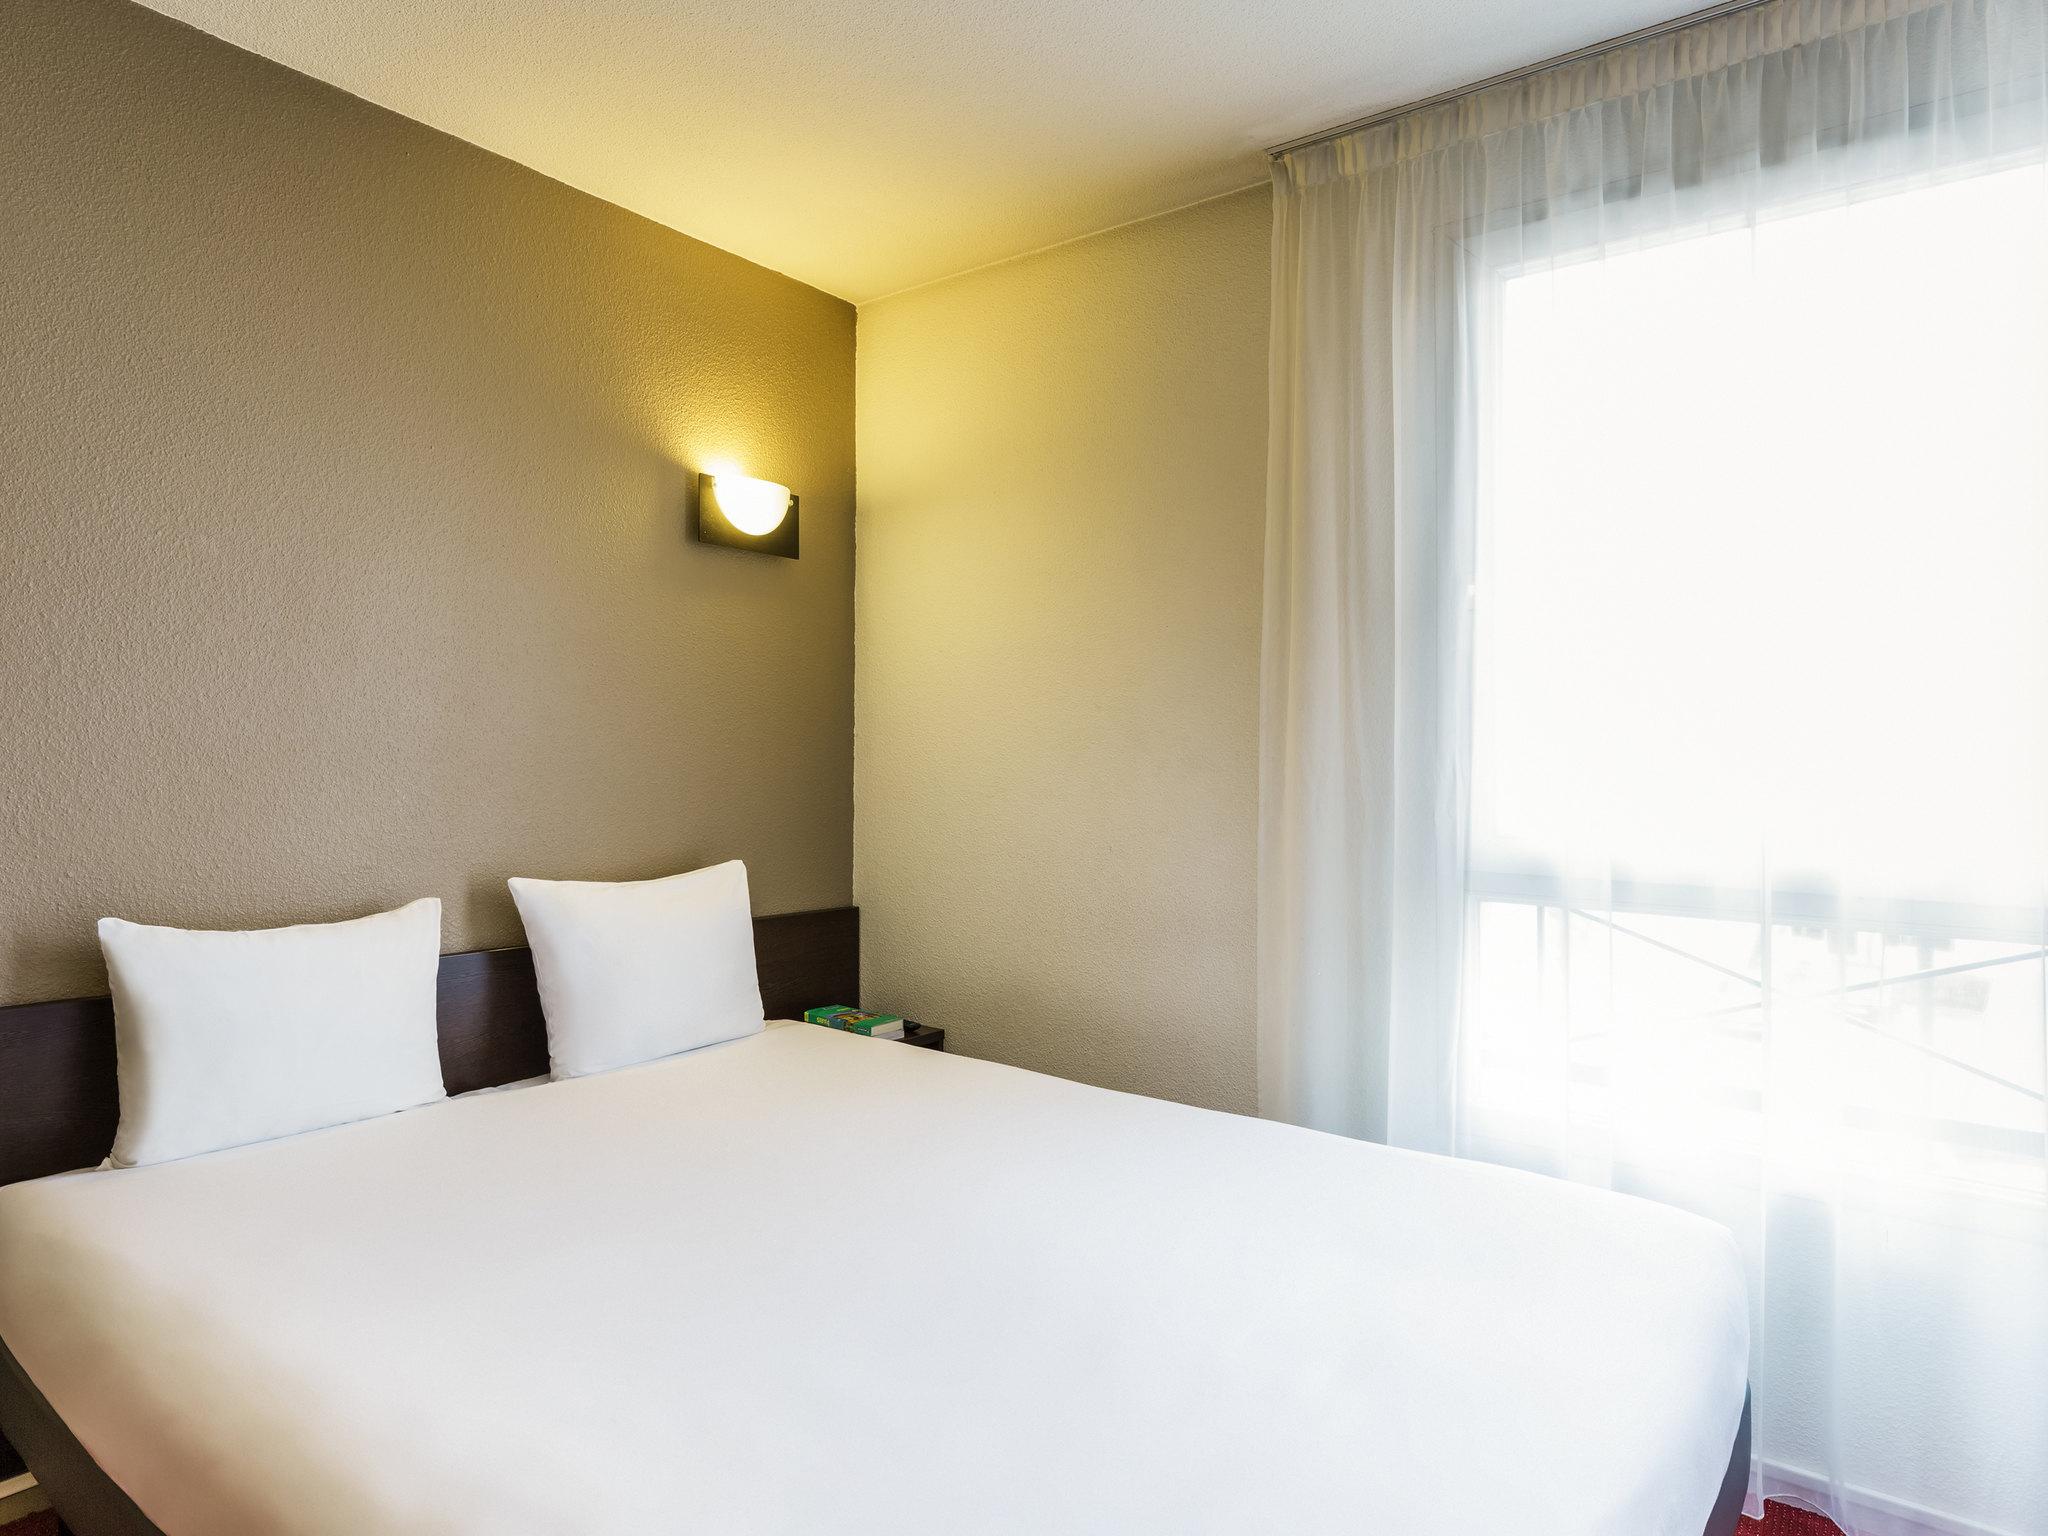 Hotel – Aparthotel Adagio access Vanves Porte de Versailles